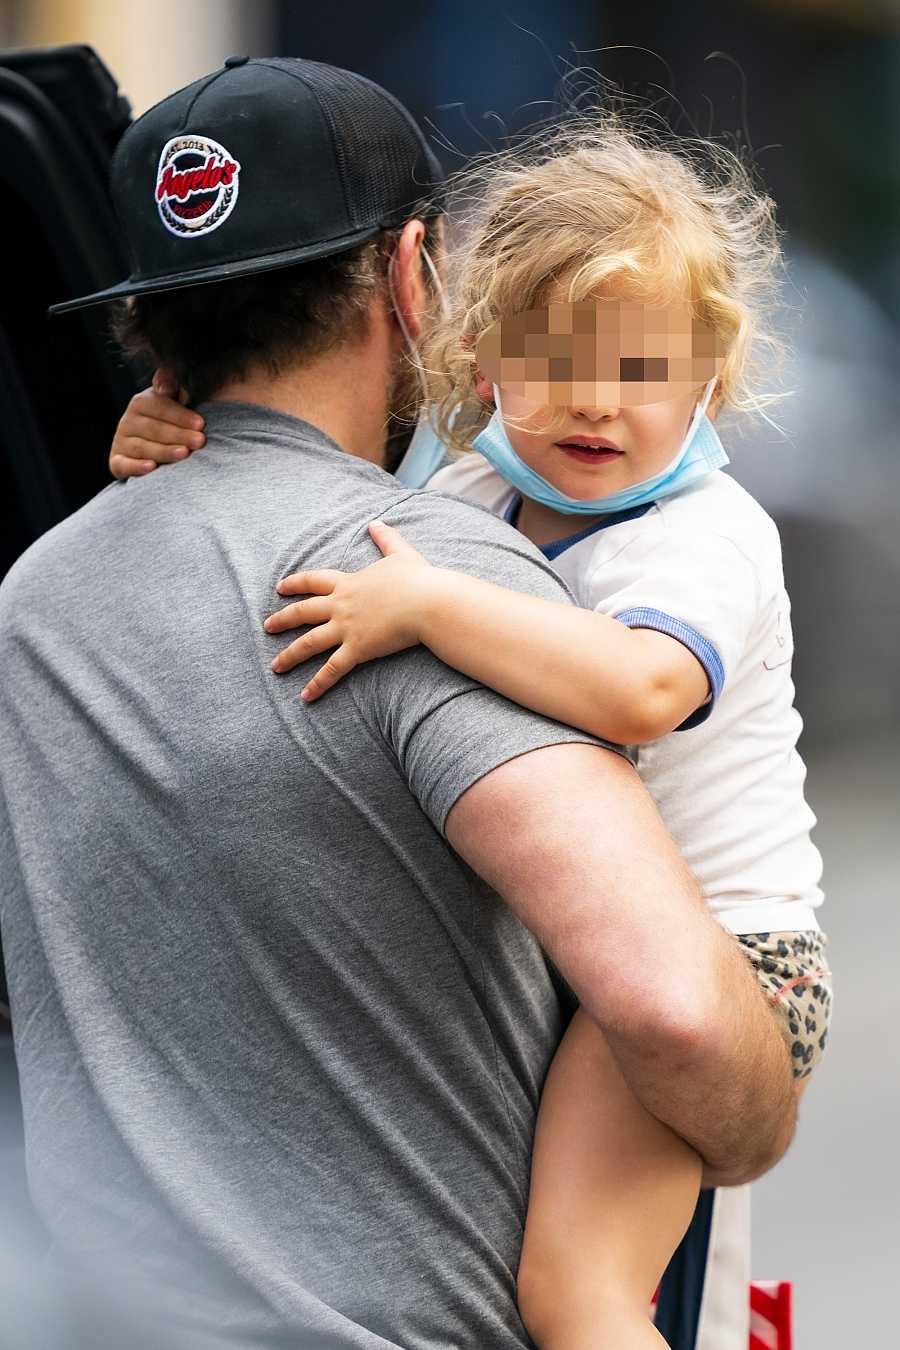 Lea de Saine Shayk Cooper en los brazos de su padre, Bradley Cooper